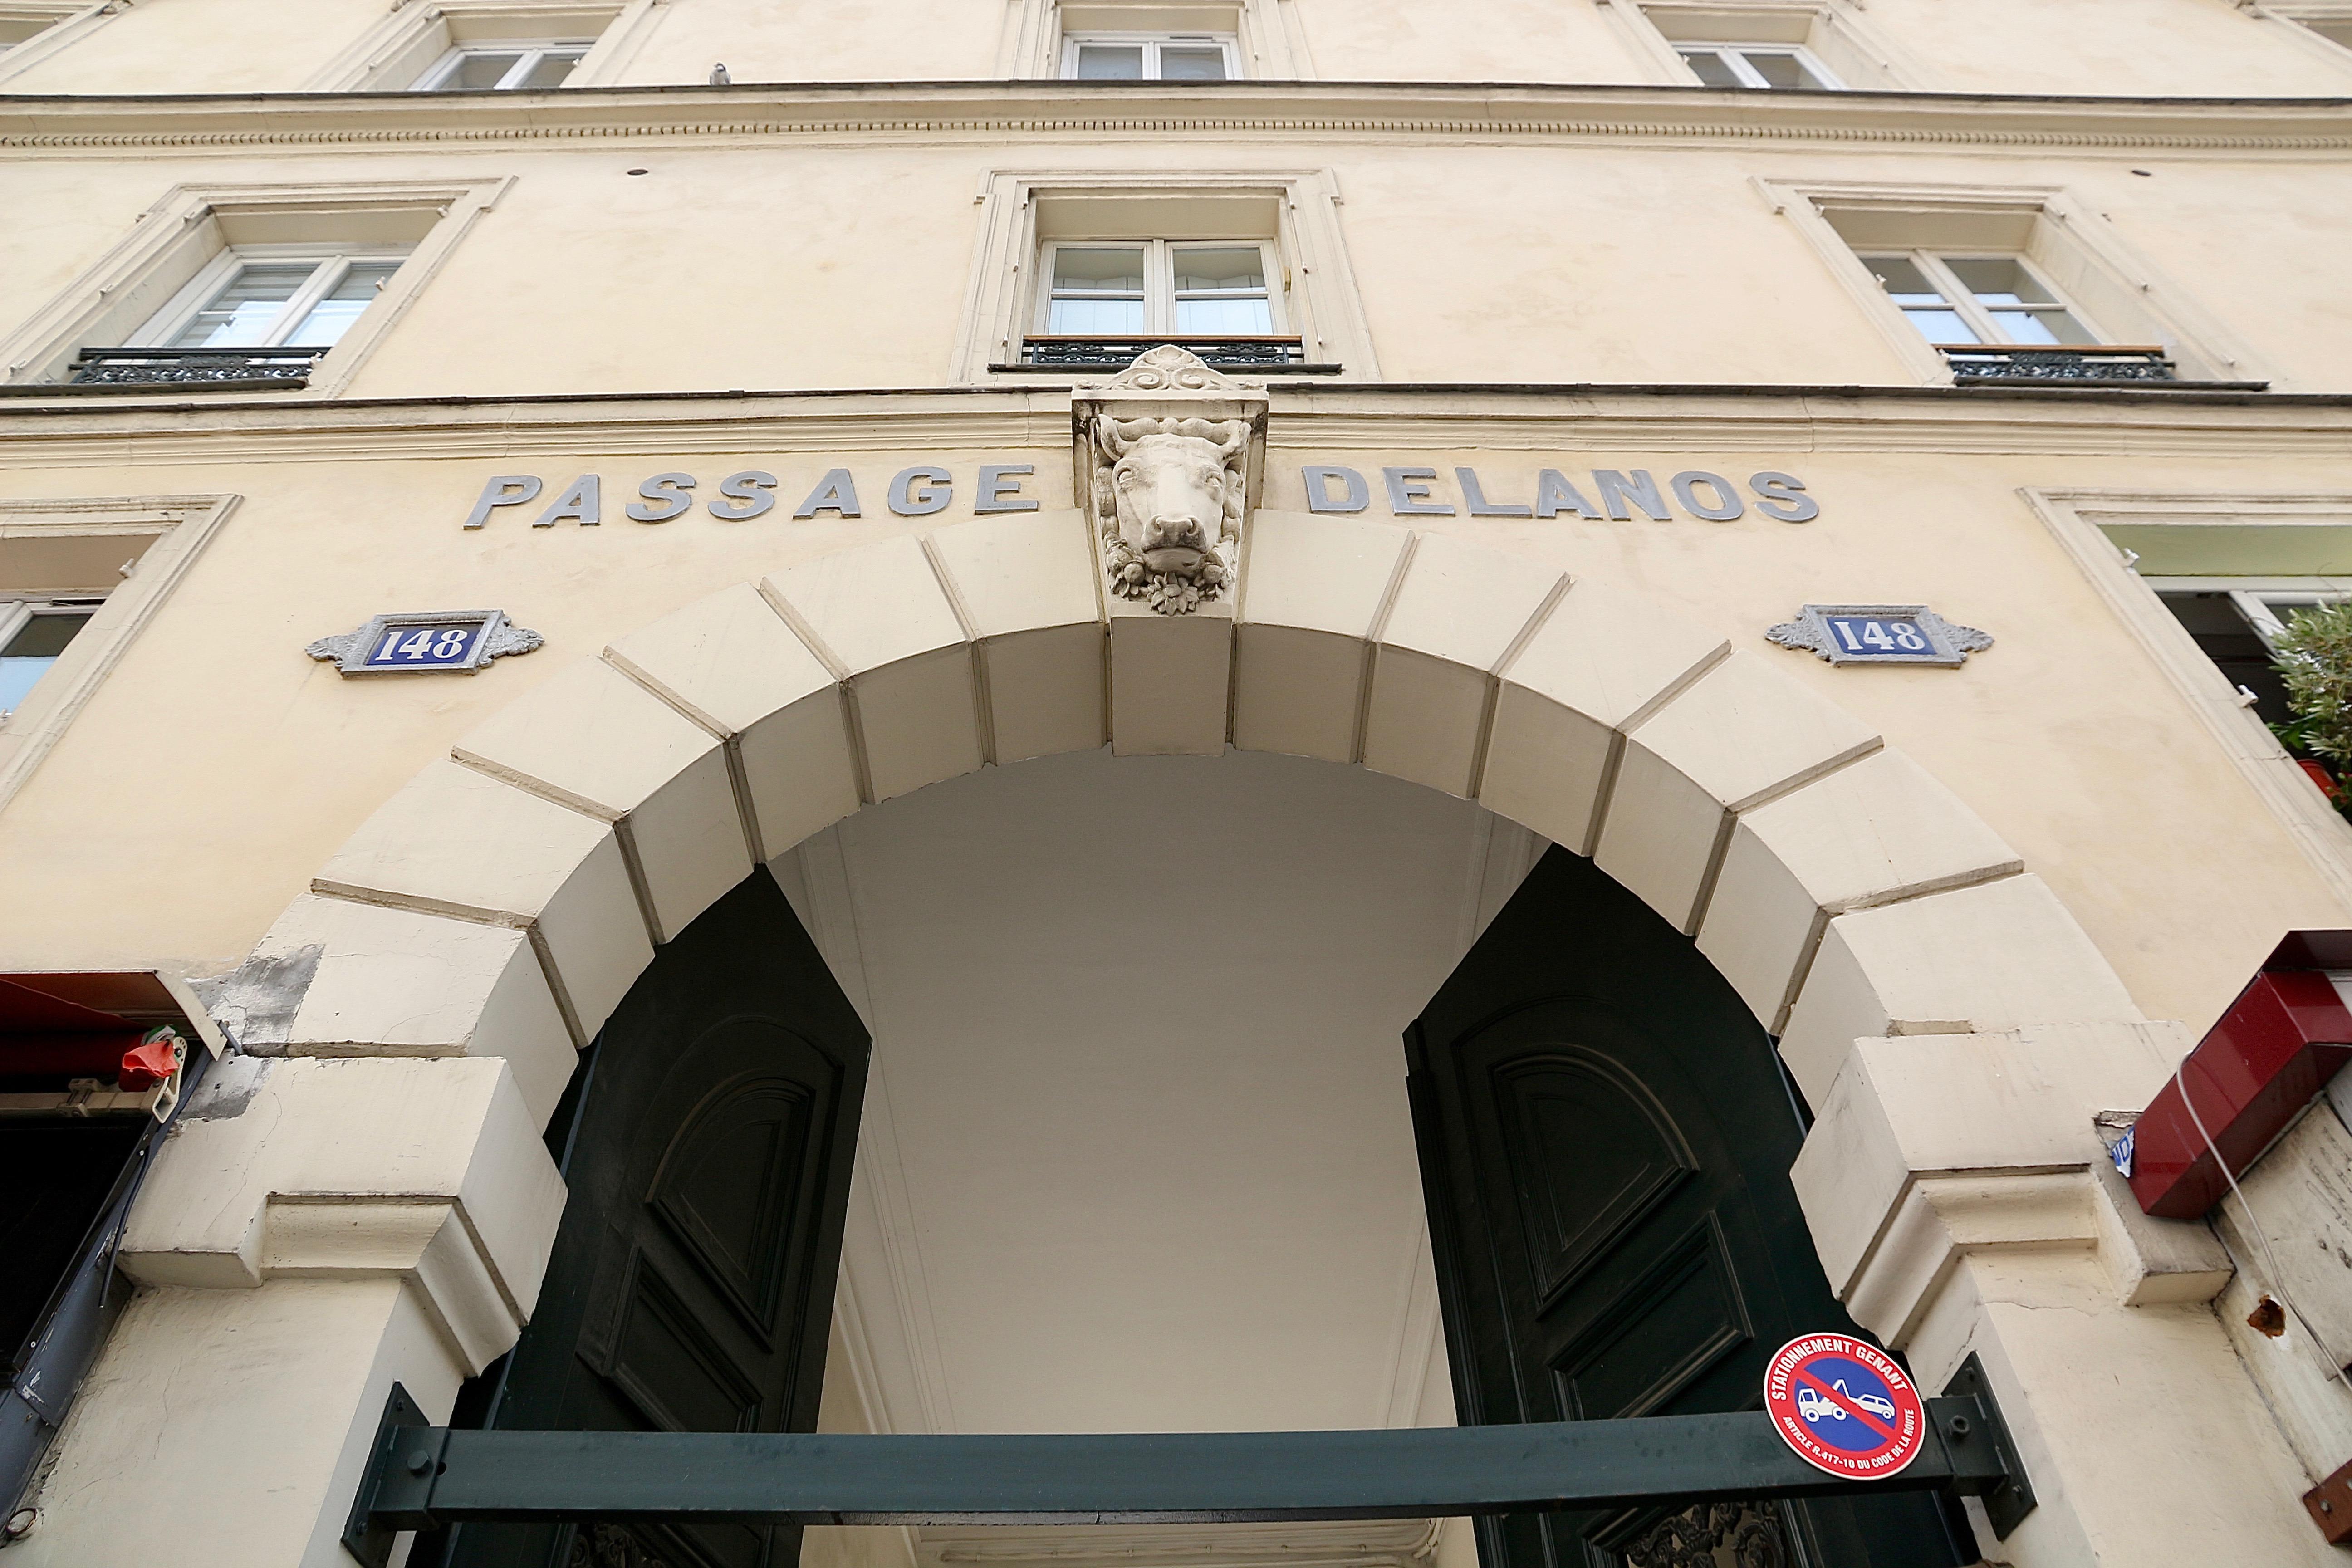 le passage Delanos